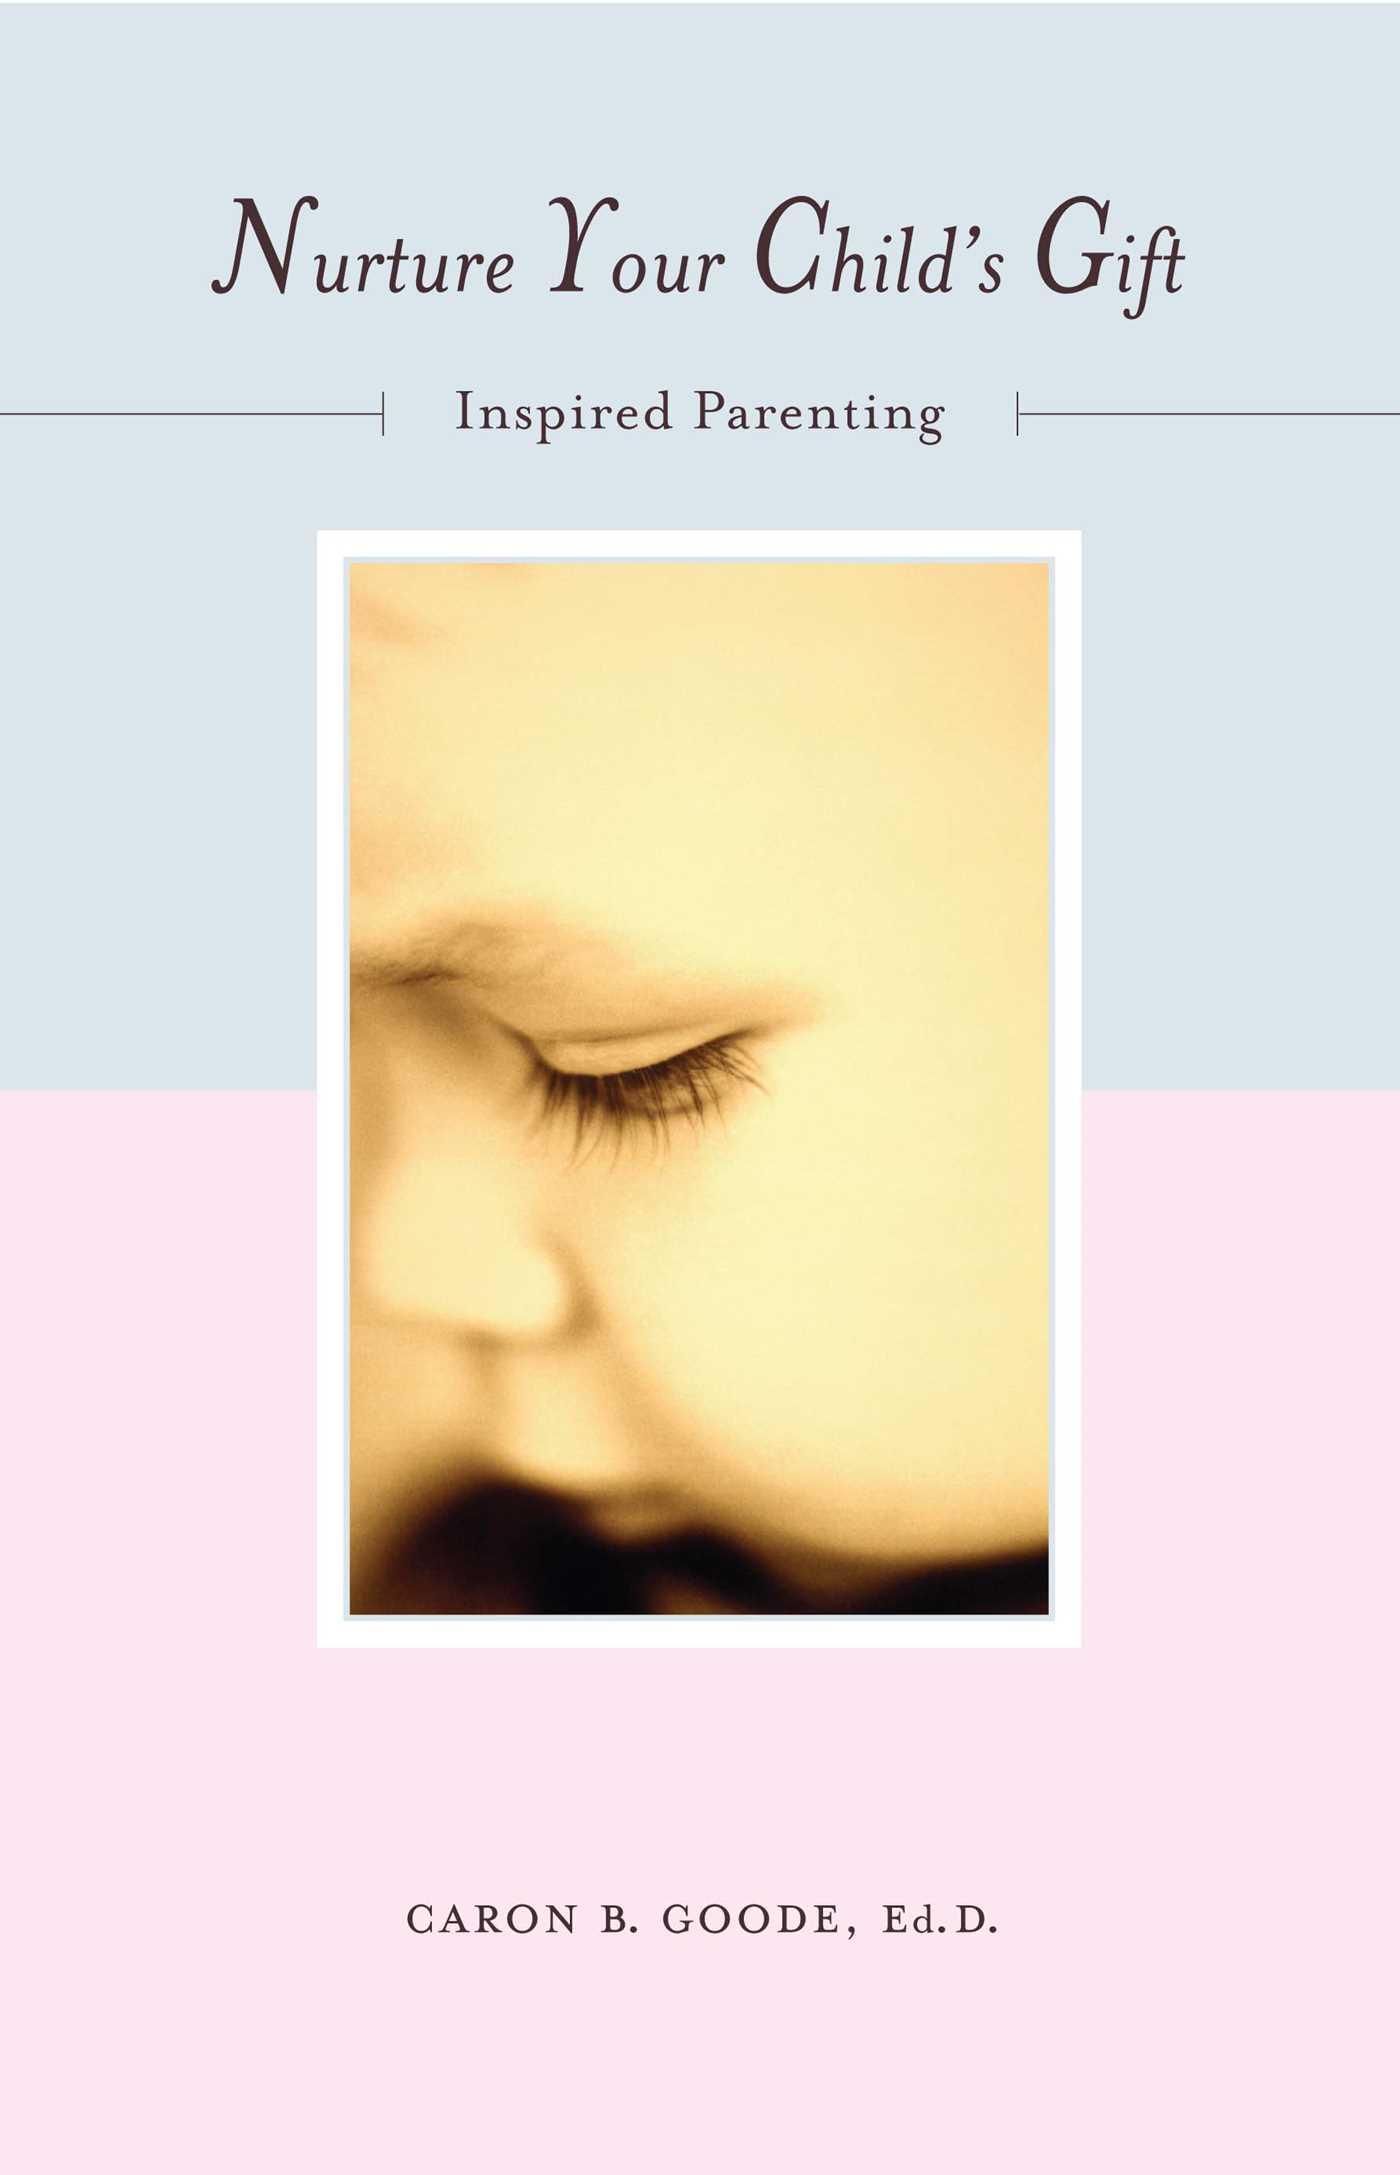 Nurture your childs gift 9781582700403 hr